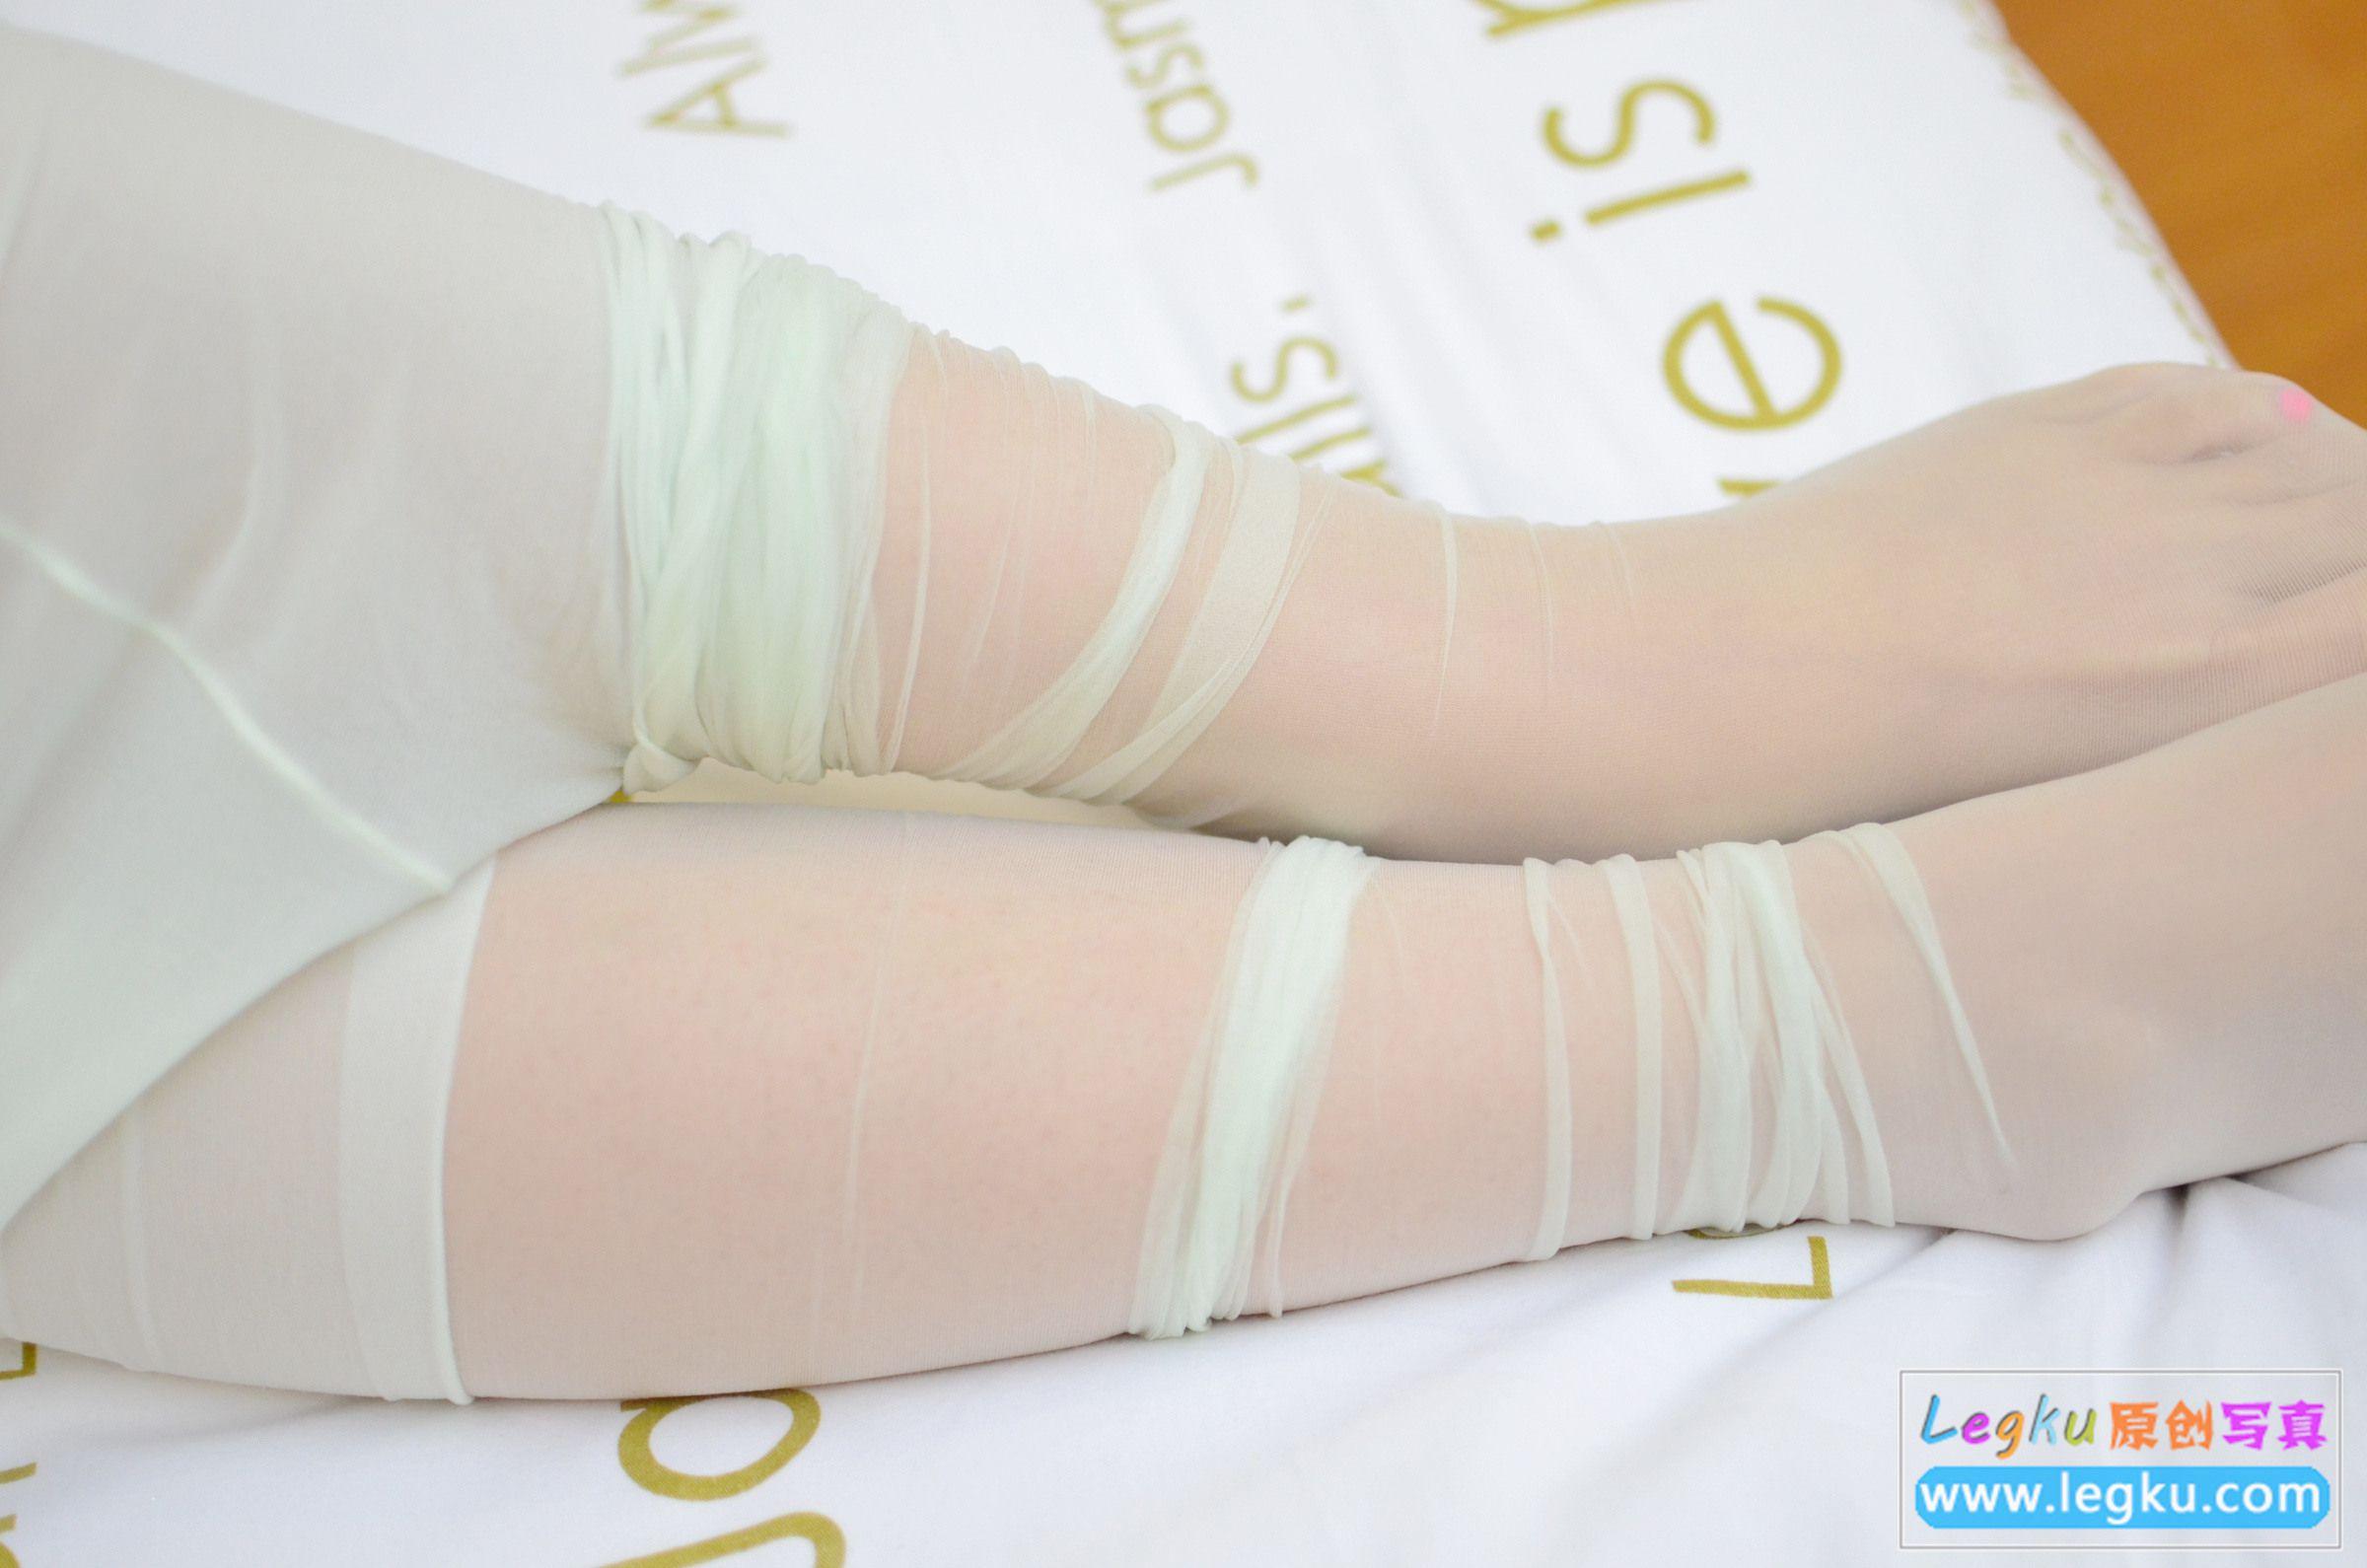 超薄黄色丝袜丝足 写真套图2